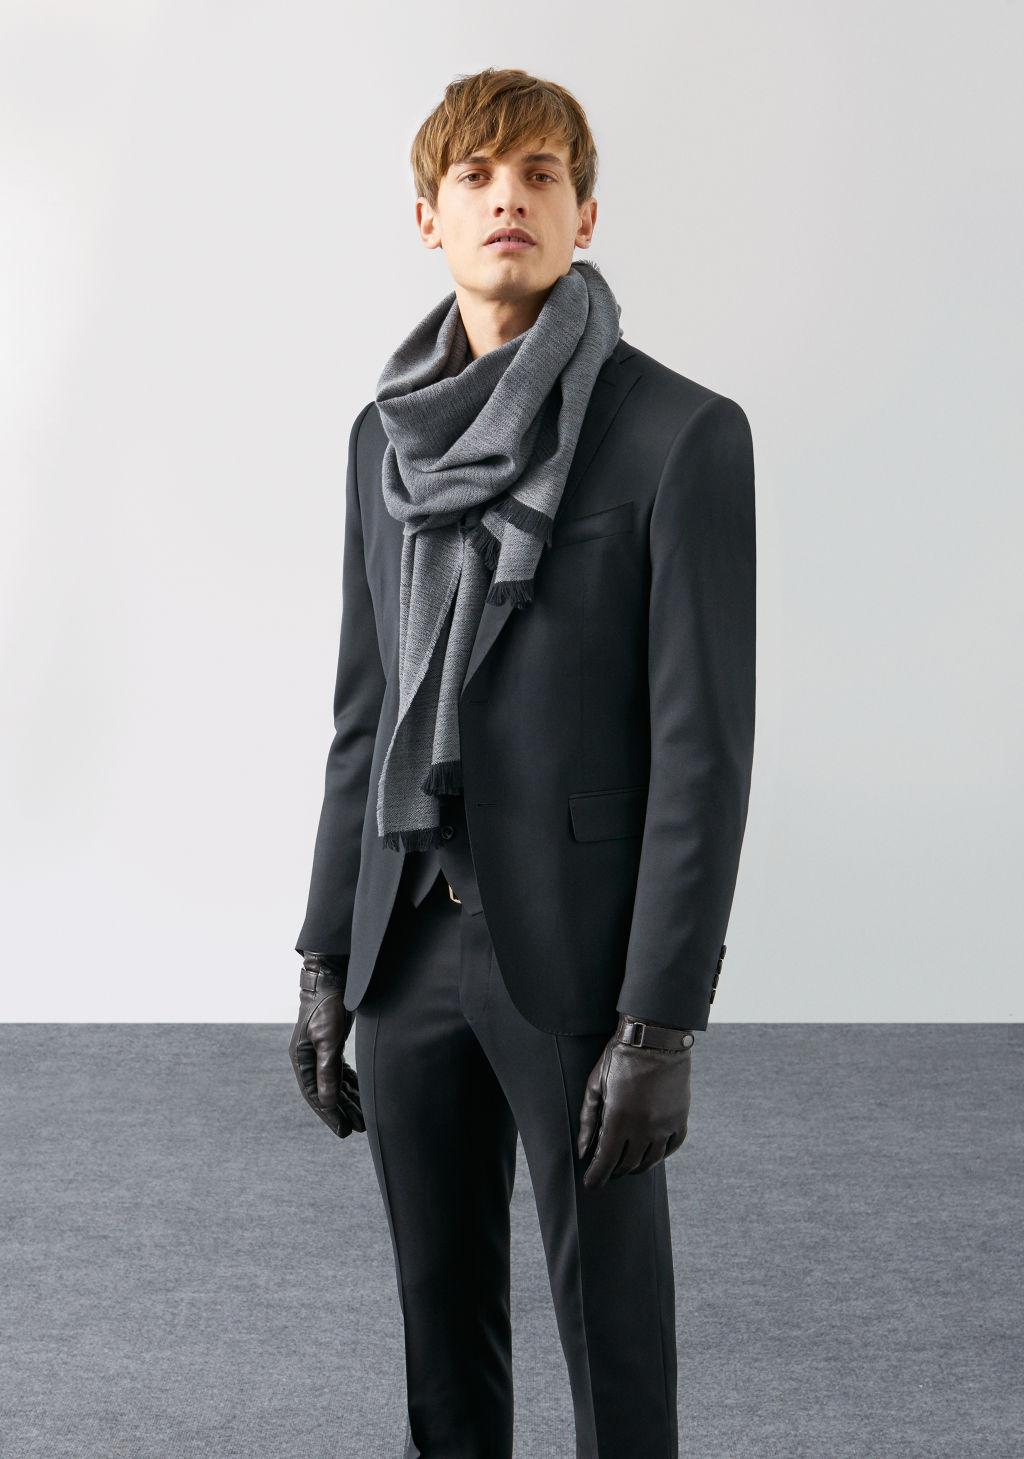 le costume zara homme est toujours d 39 une bonne coupe et se porte bien. Black Bedroom Furniture Sets. Home Design Ideas